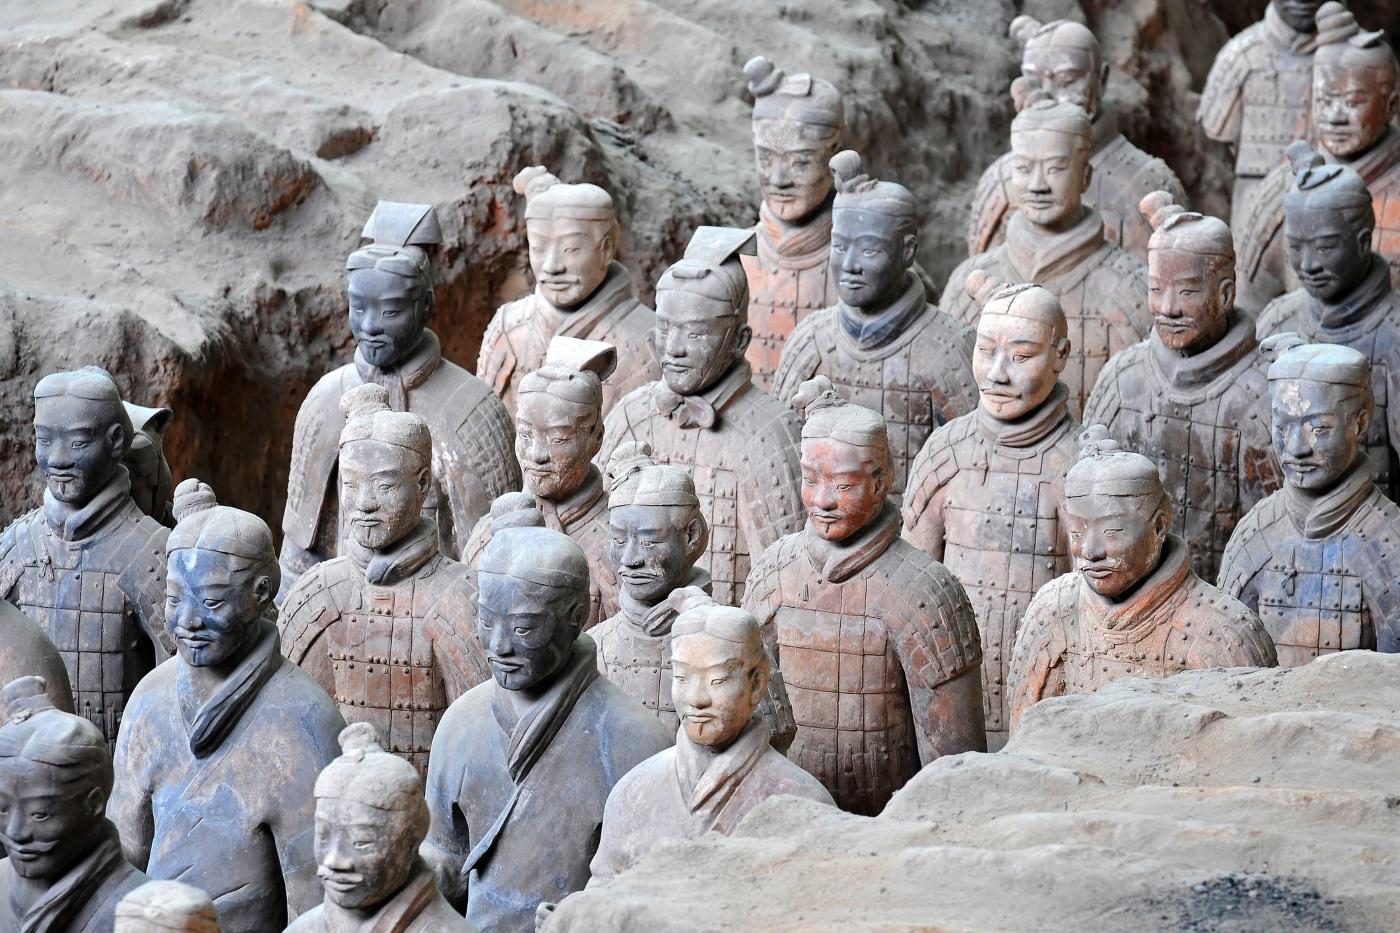 Теракотената армия – През 1974 г. китайски селянин, който копаел кладенец до град Сиан, намерил глинени парчета. Археолозите открили на това място известната теракотена армия от 8000 пехотинци, стрелци и конници, изваяни в естествен ръст. Те били наредени в 11 подземни 210-метрови коридори на дълбочина 5 метра. Армията бди над вечния сън на първия император на Китай Цин Ши-Хуанди. Изработката ѝ е отнела 38 години.